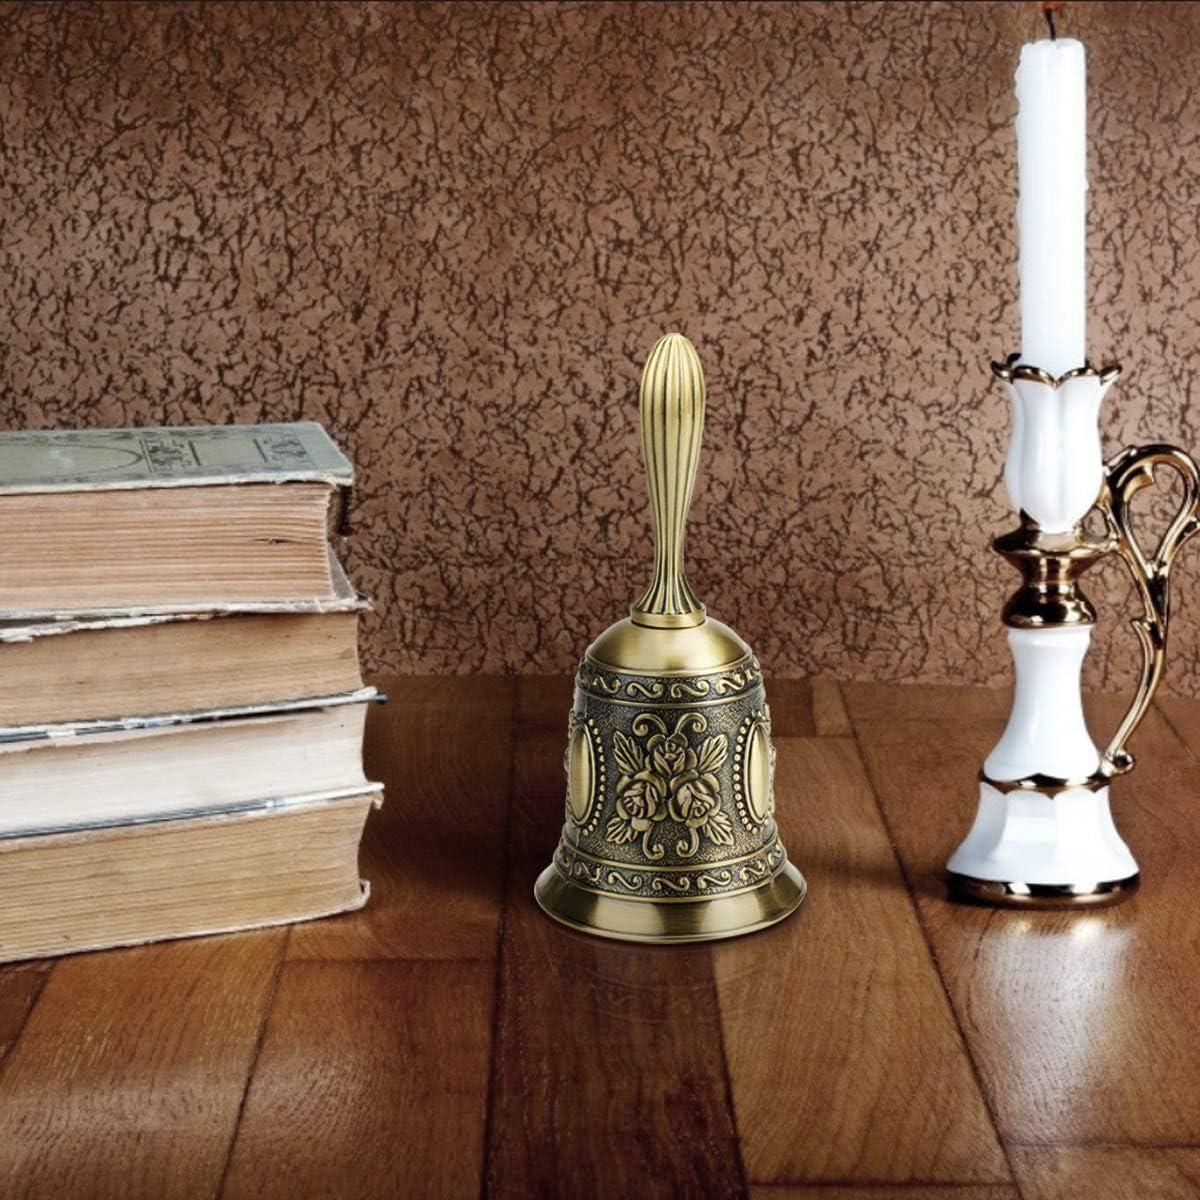 Alliage de Zinc Classique Appel Fort Bell Service Main Traditionnelle Appelez Bell pour R/éception D/école D/îner Service H/ôtel M/éditation Pet Feeding Pri/ère D/écoration CestMall Cloche